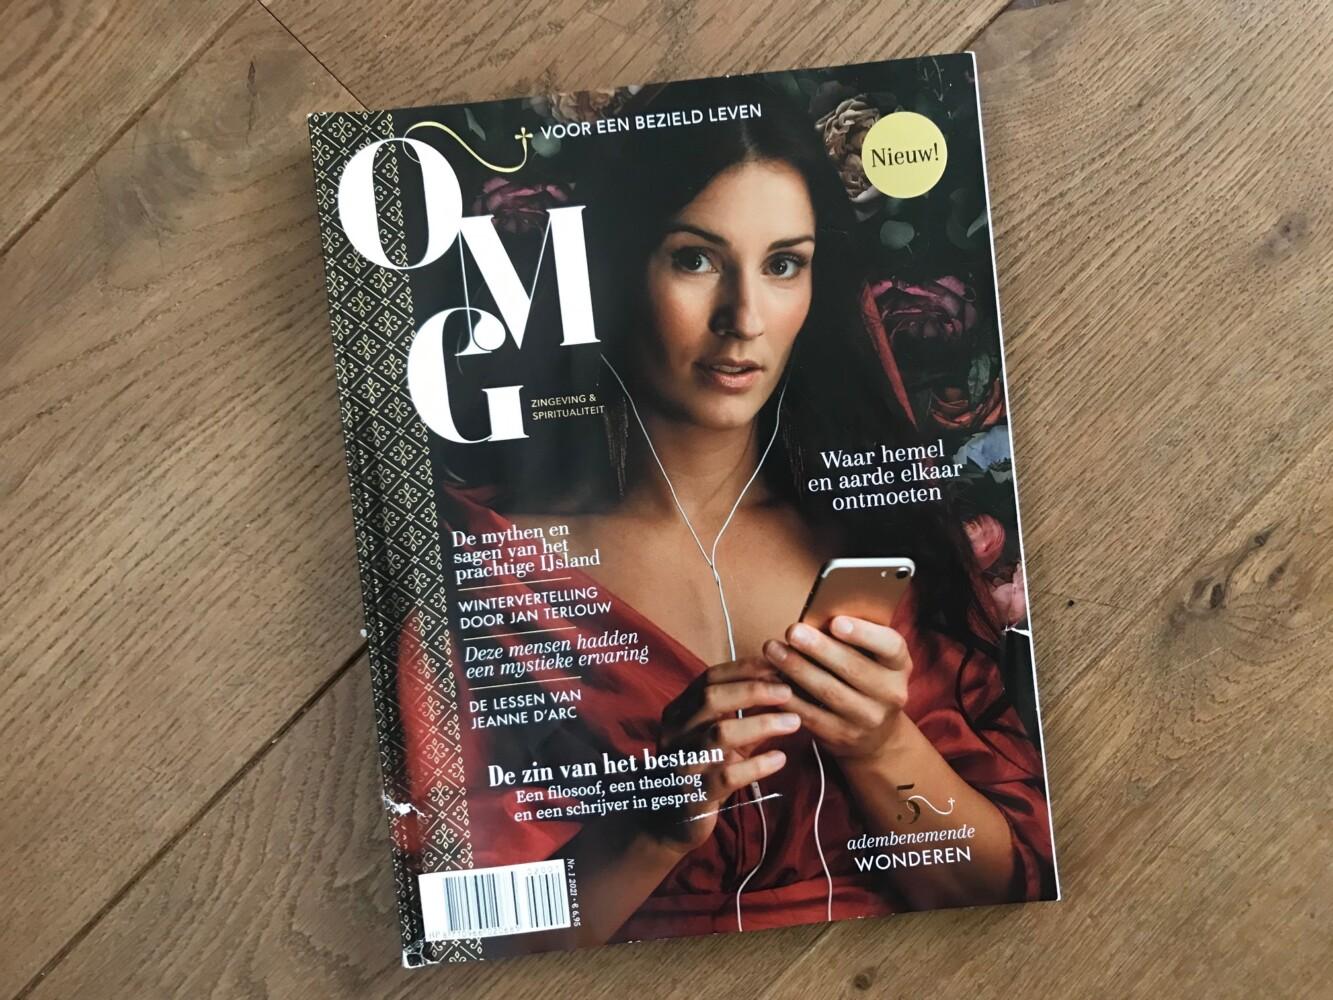 OMG – nieuw magazine rondom zingeving & spiritualiteit – een aanwinst of niet?